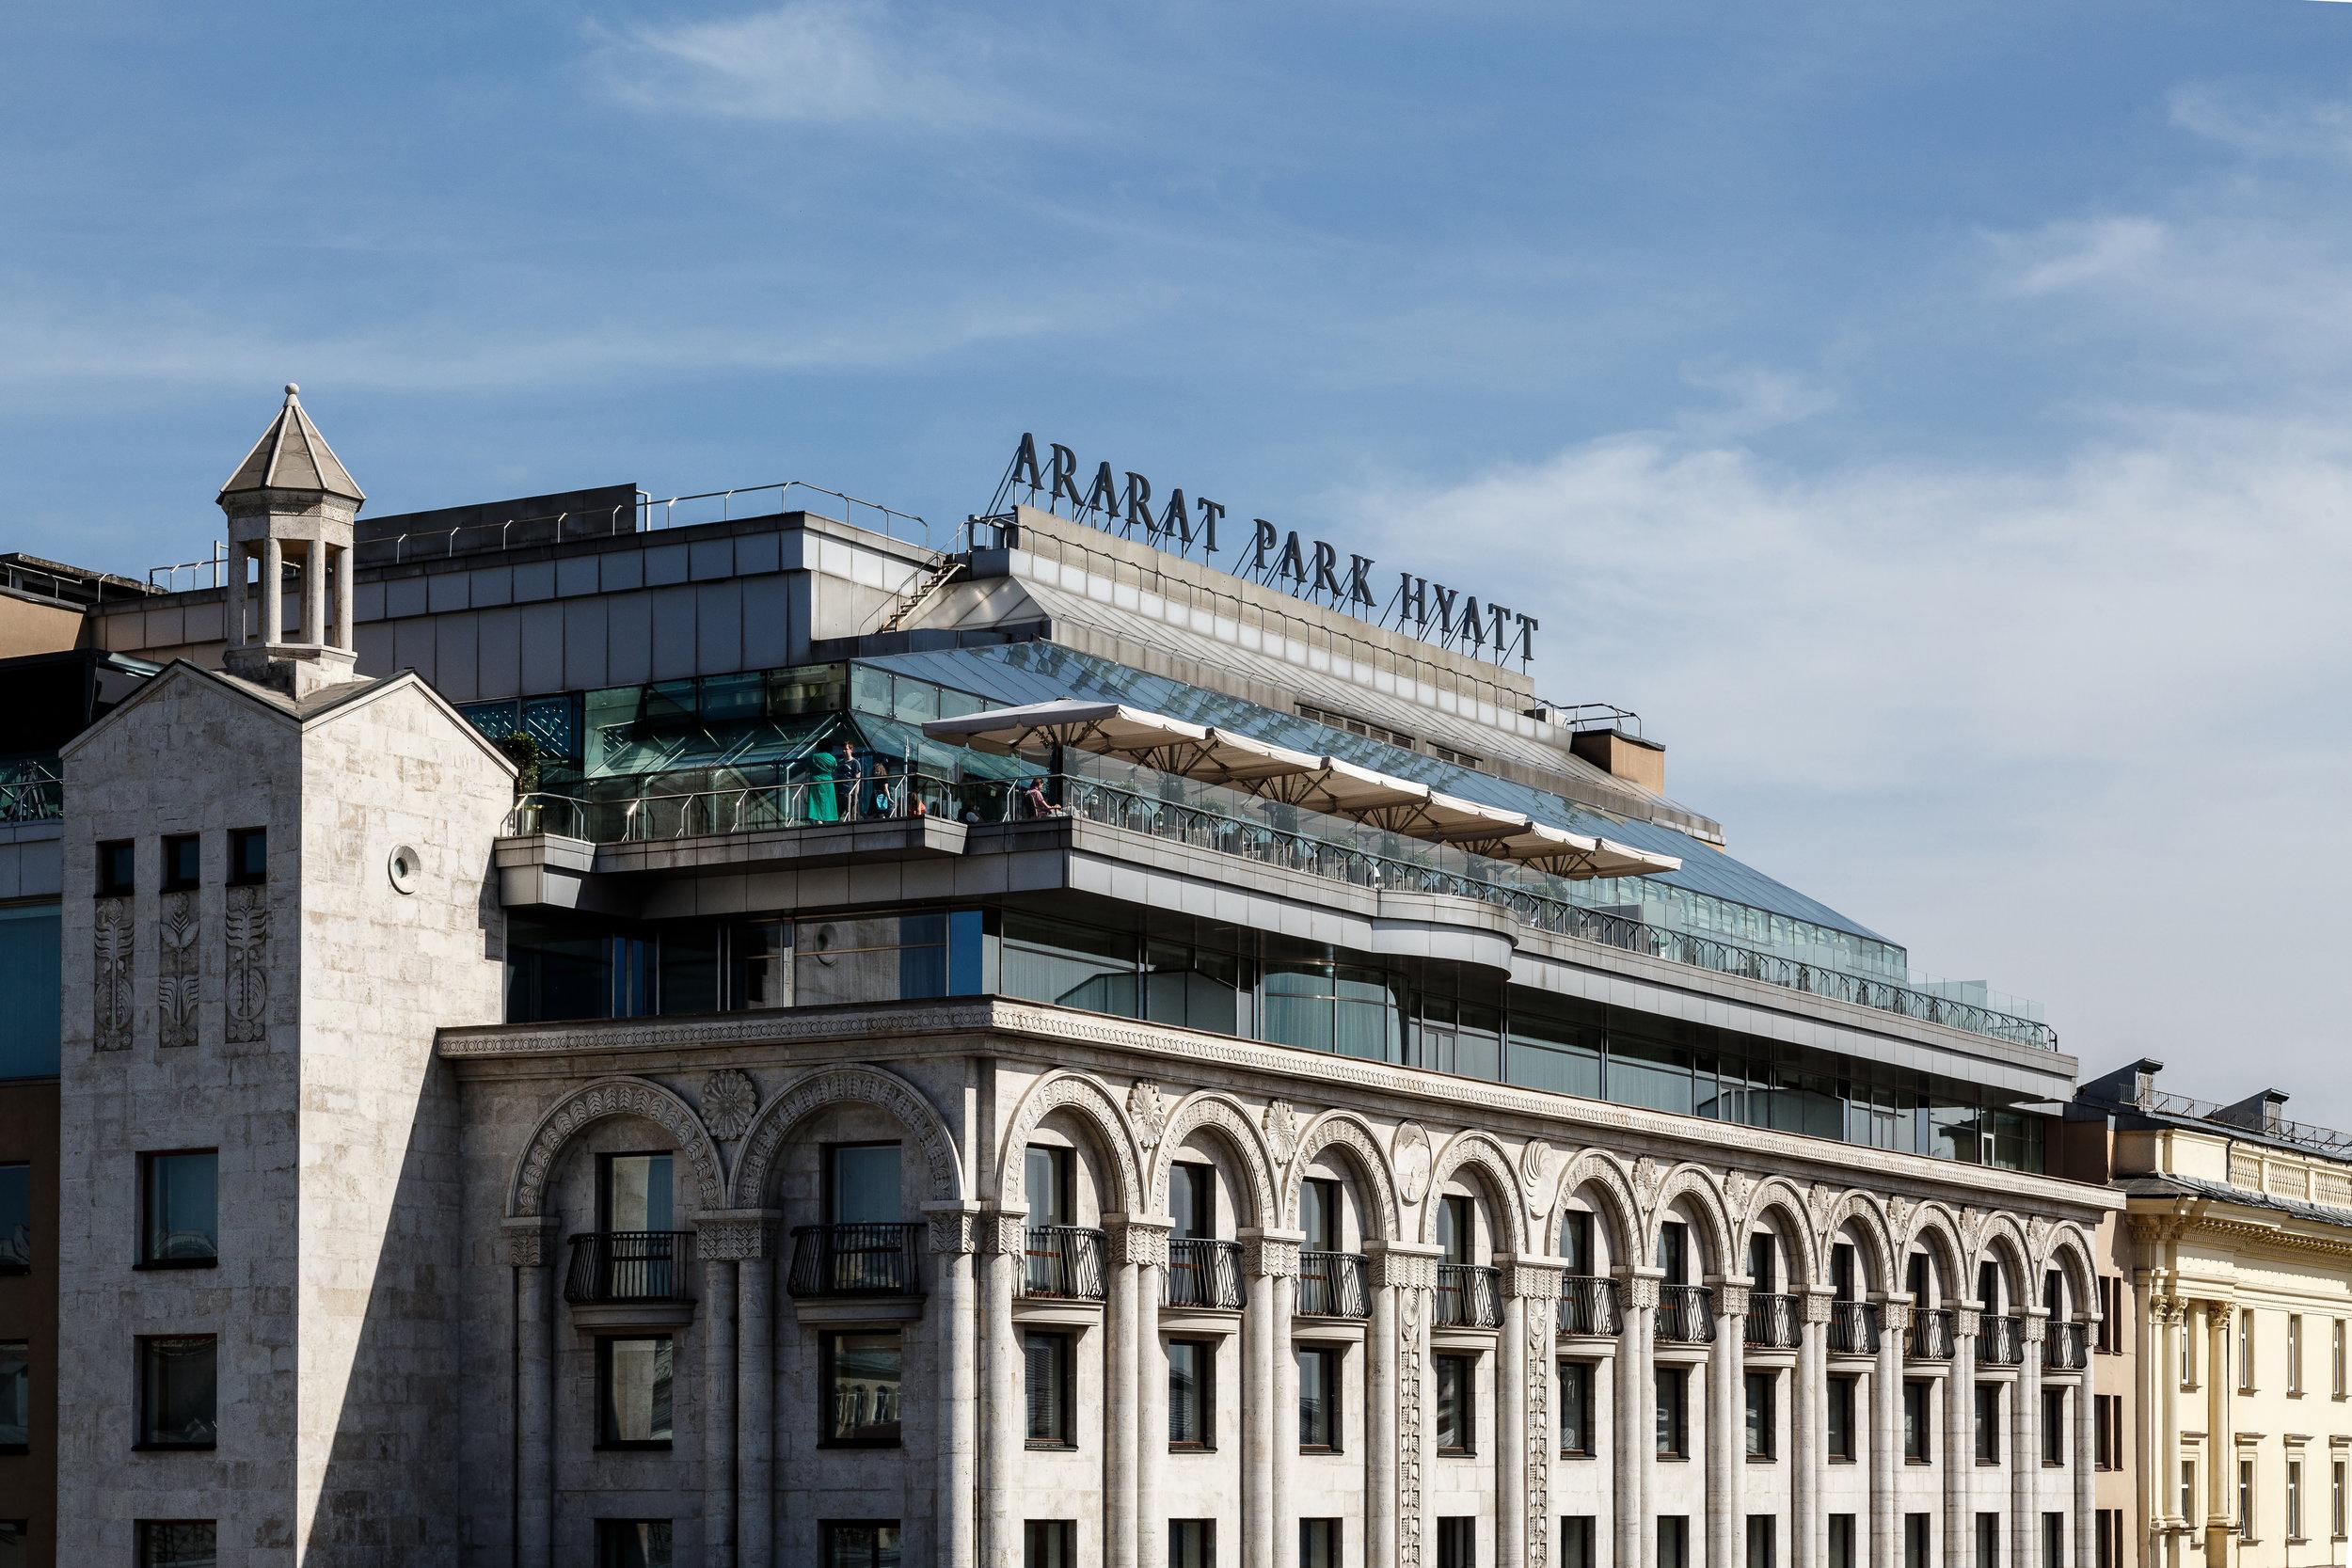 Ararat-Park-Hyatt-Moscow-Exterior-Logo.jpg